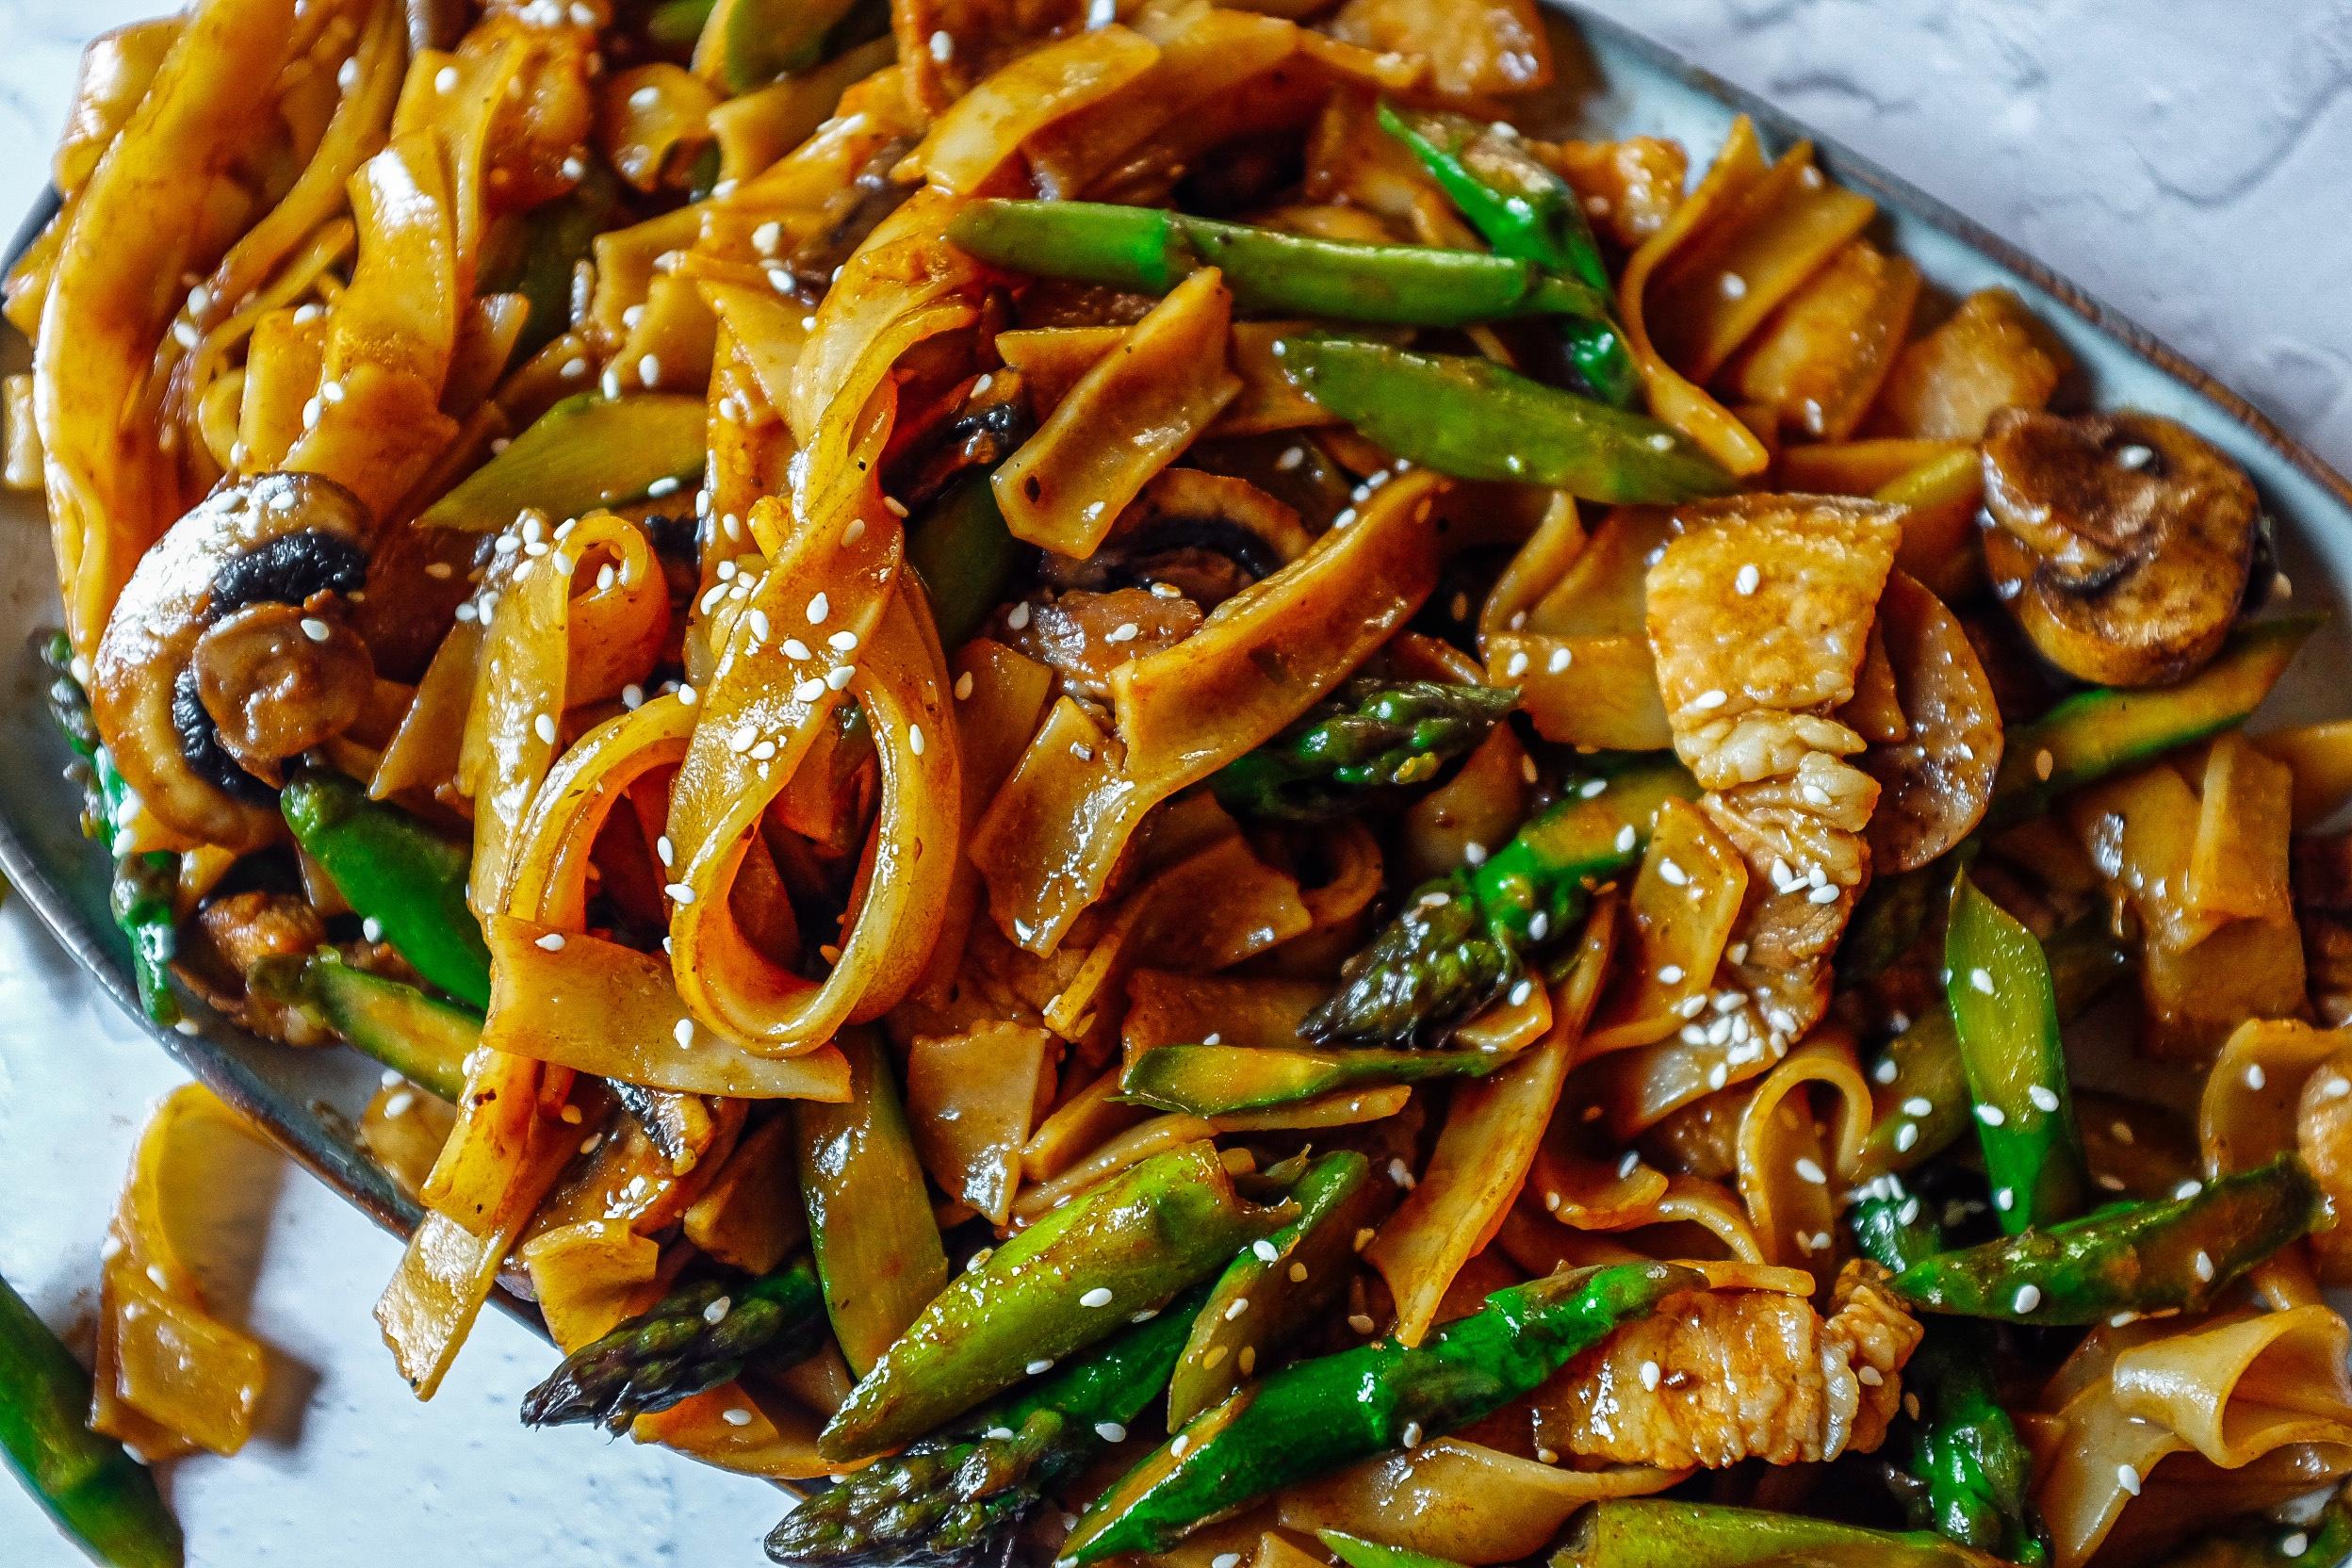 Quando il liquido nel wok è quasi completamente terminato di evaporare spegni i fuochi e servi.